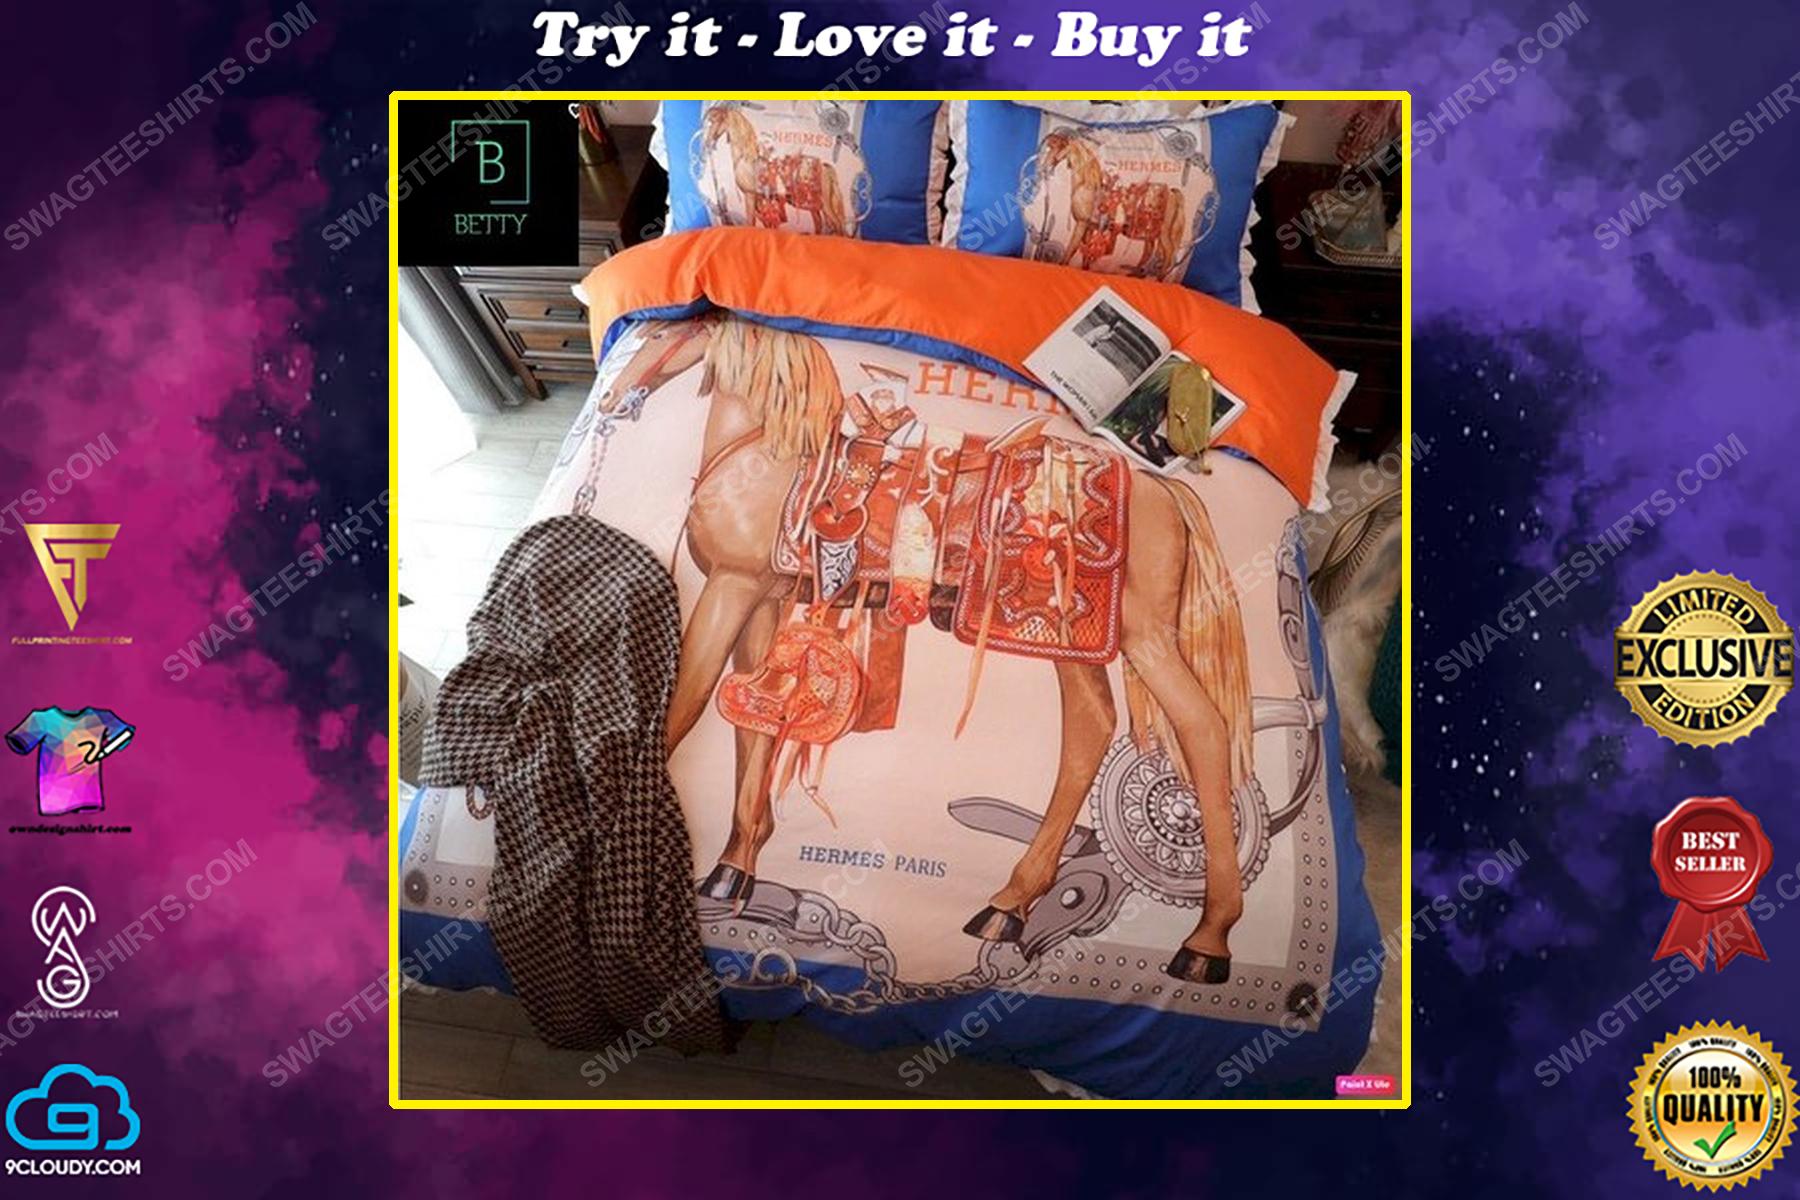 Hermes and horse symbol full print duvet cover bedding set